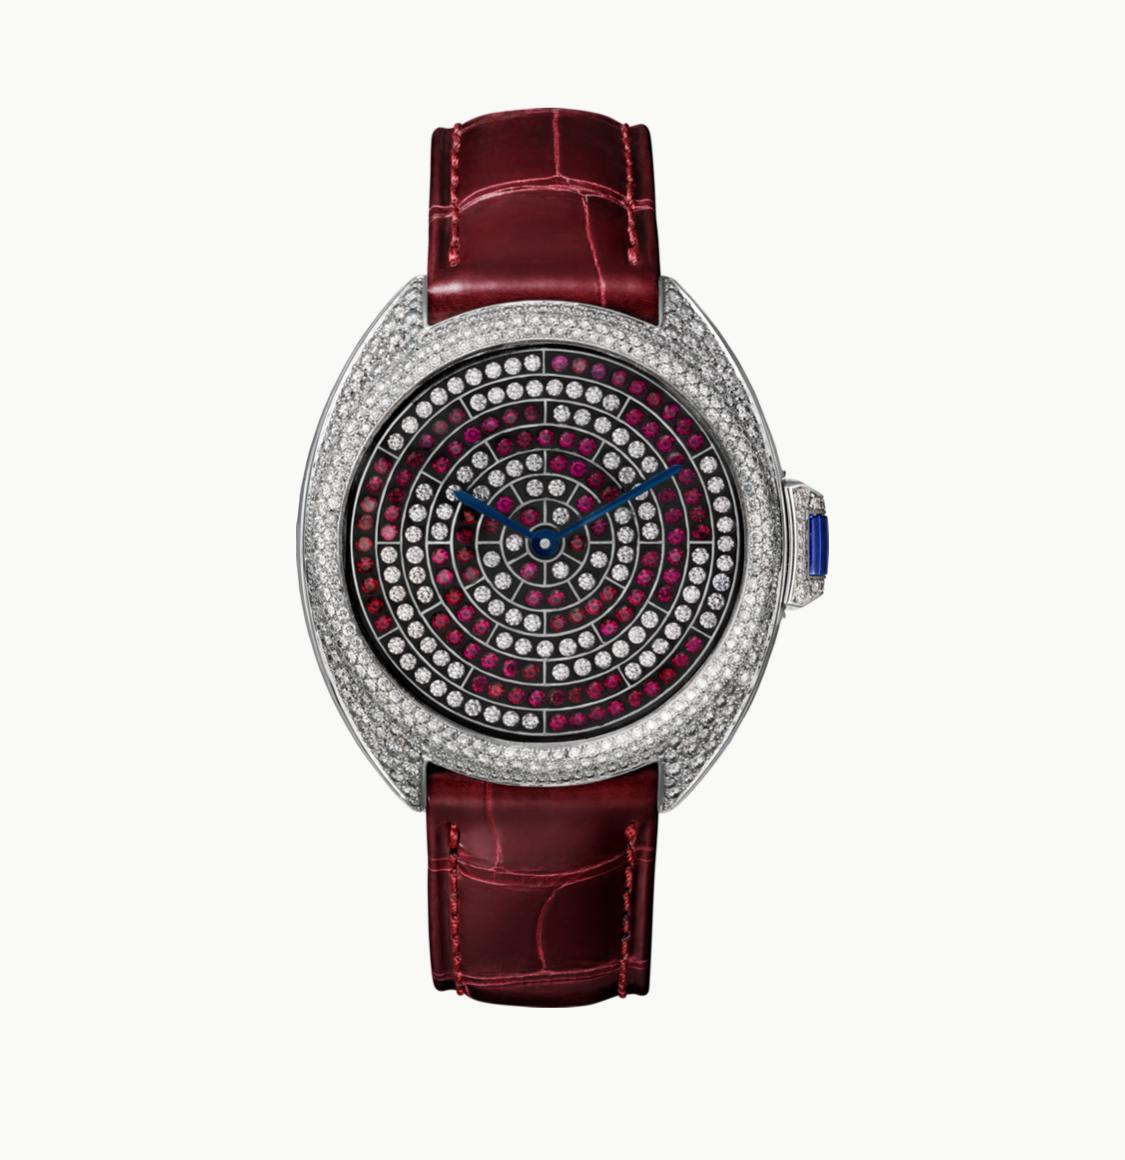 ساعة من مجموعة Cle De Cartier من كارتييه Cartier